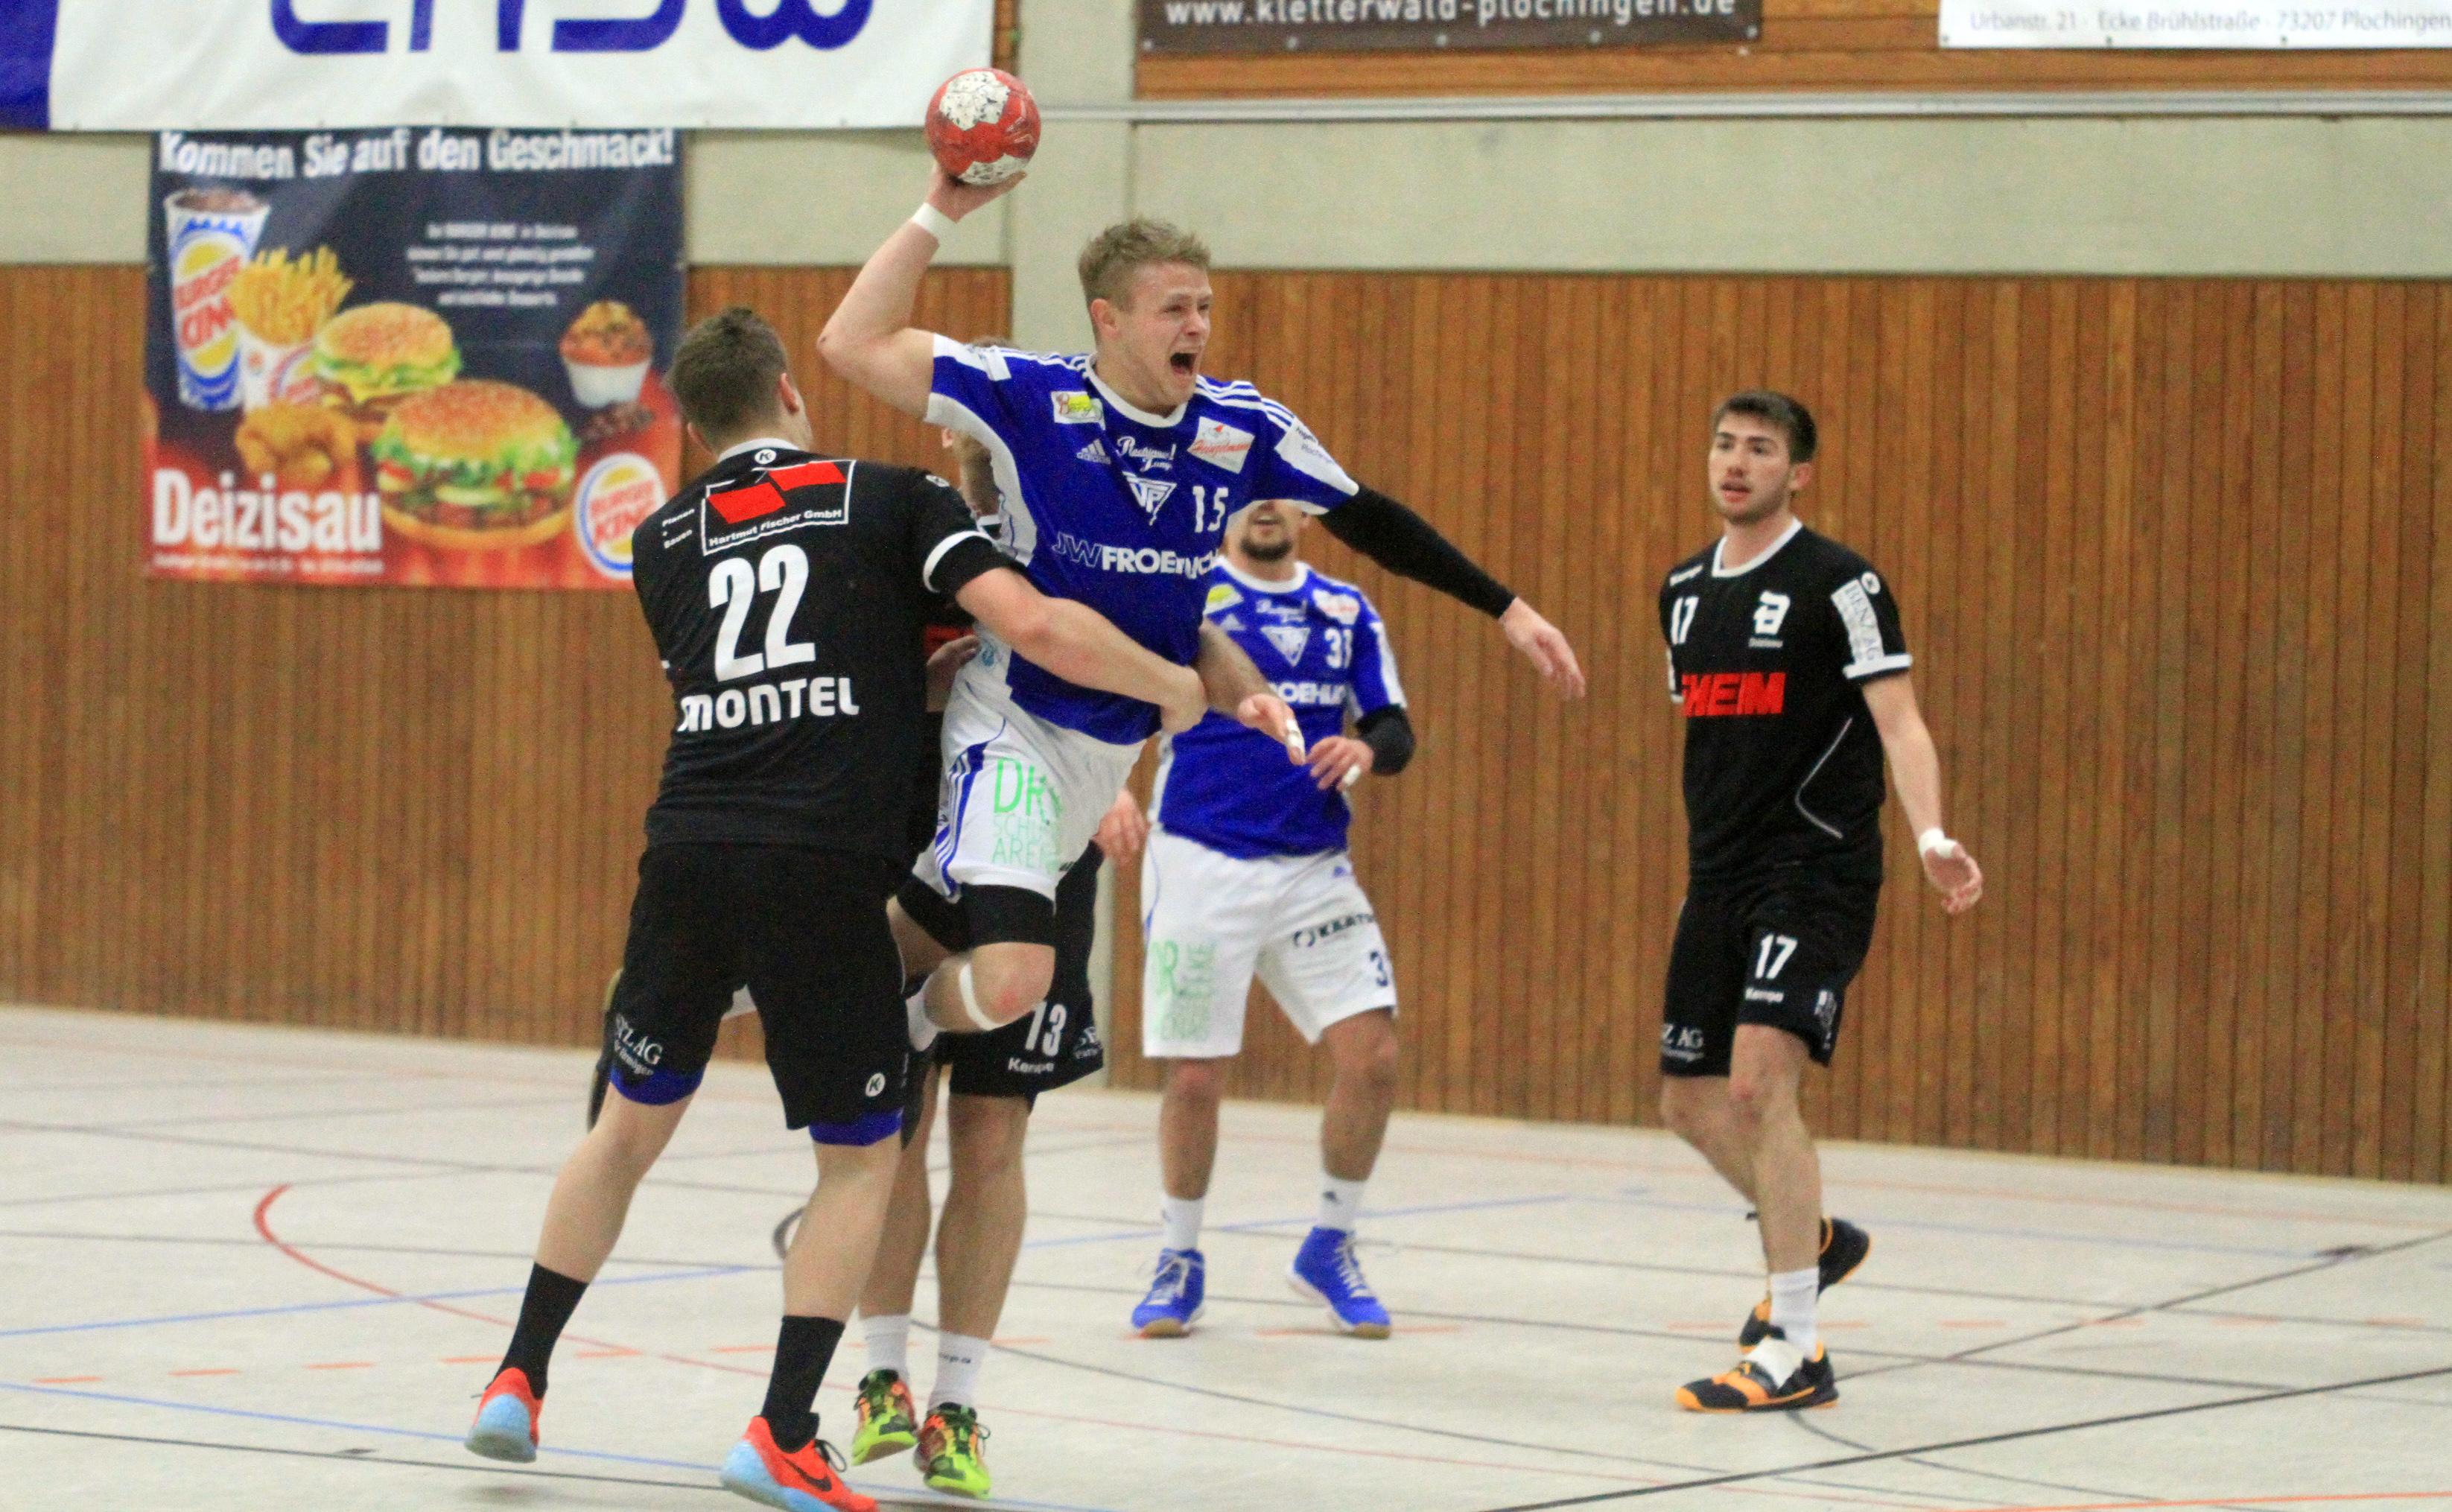 Bildergebnis für Marcel rieger handball